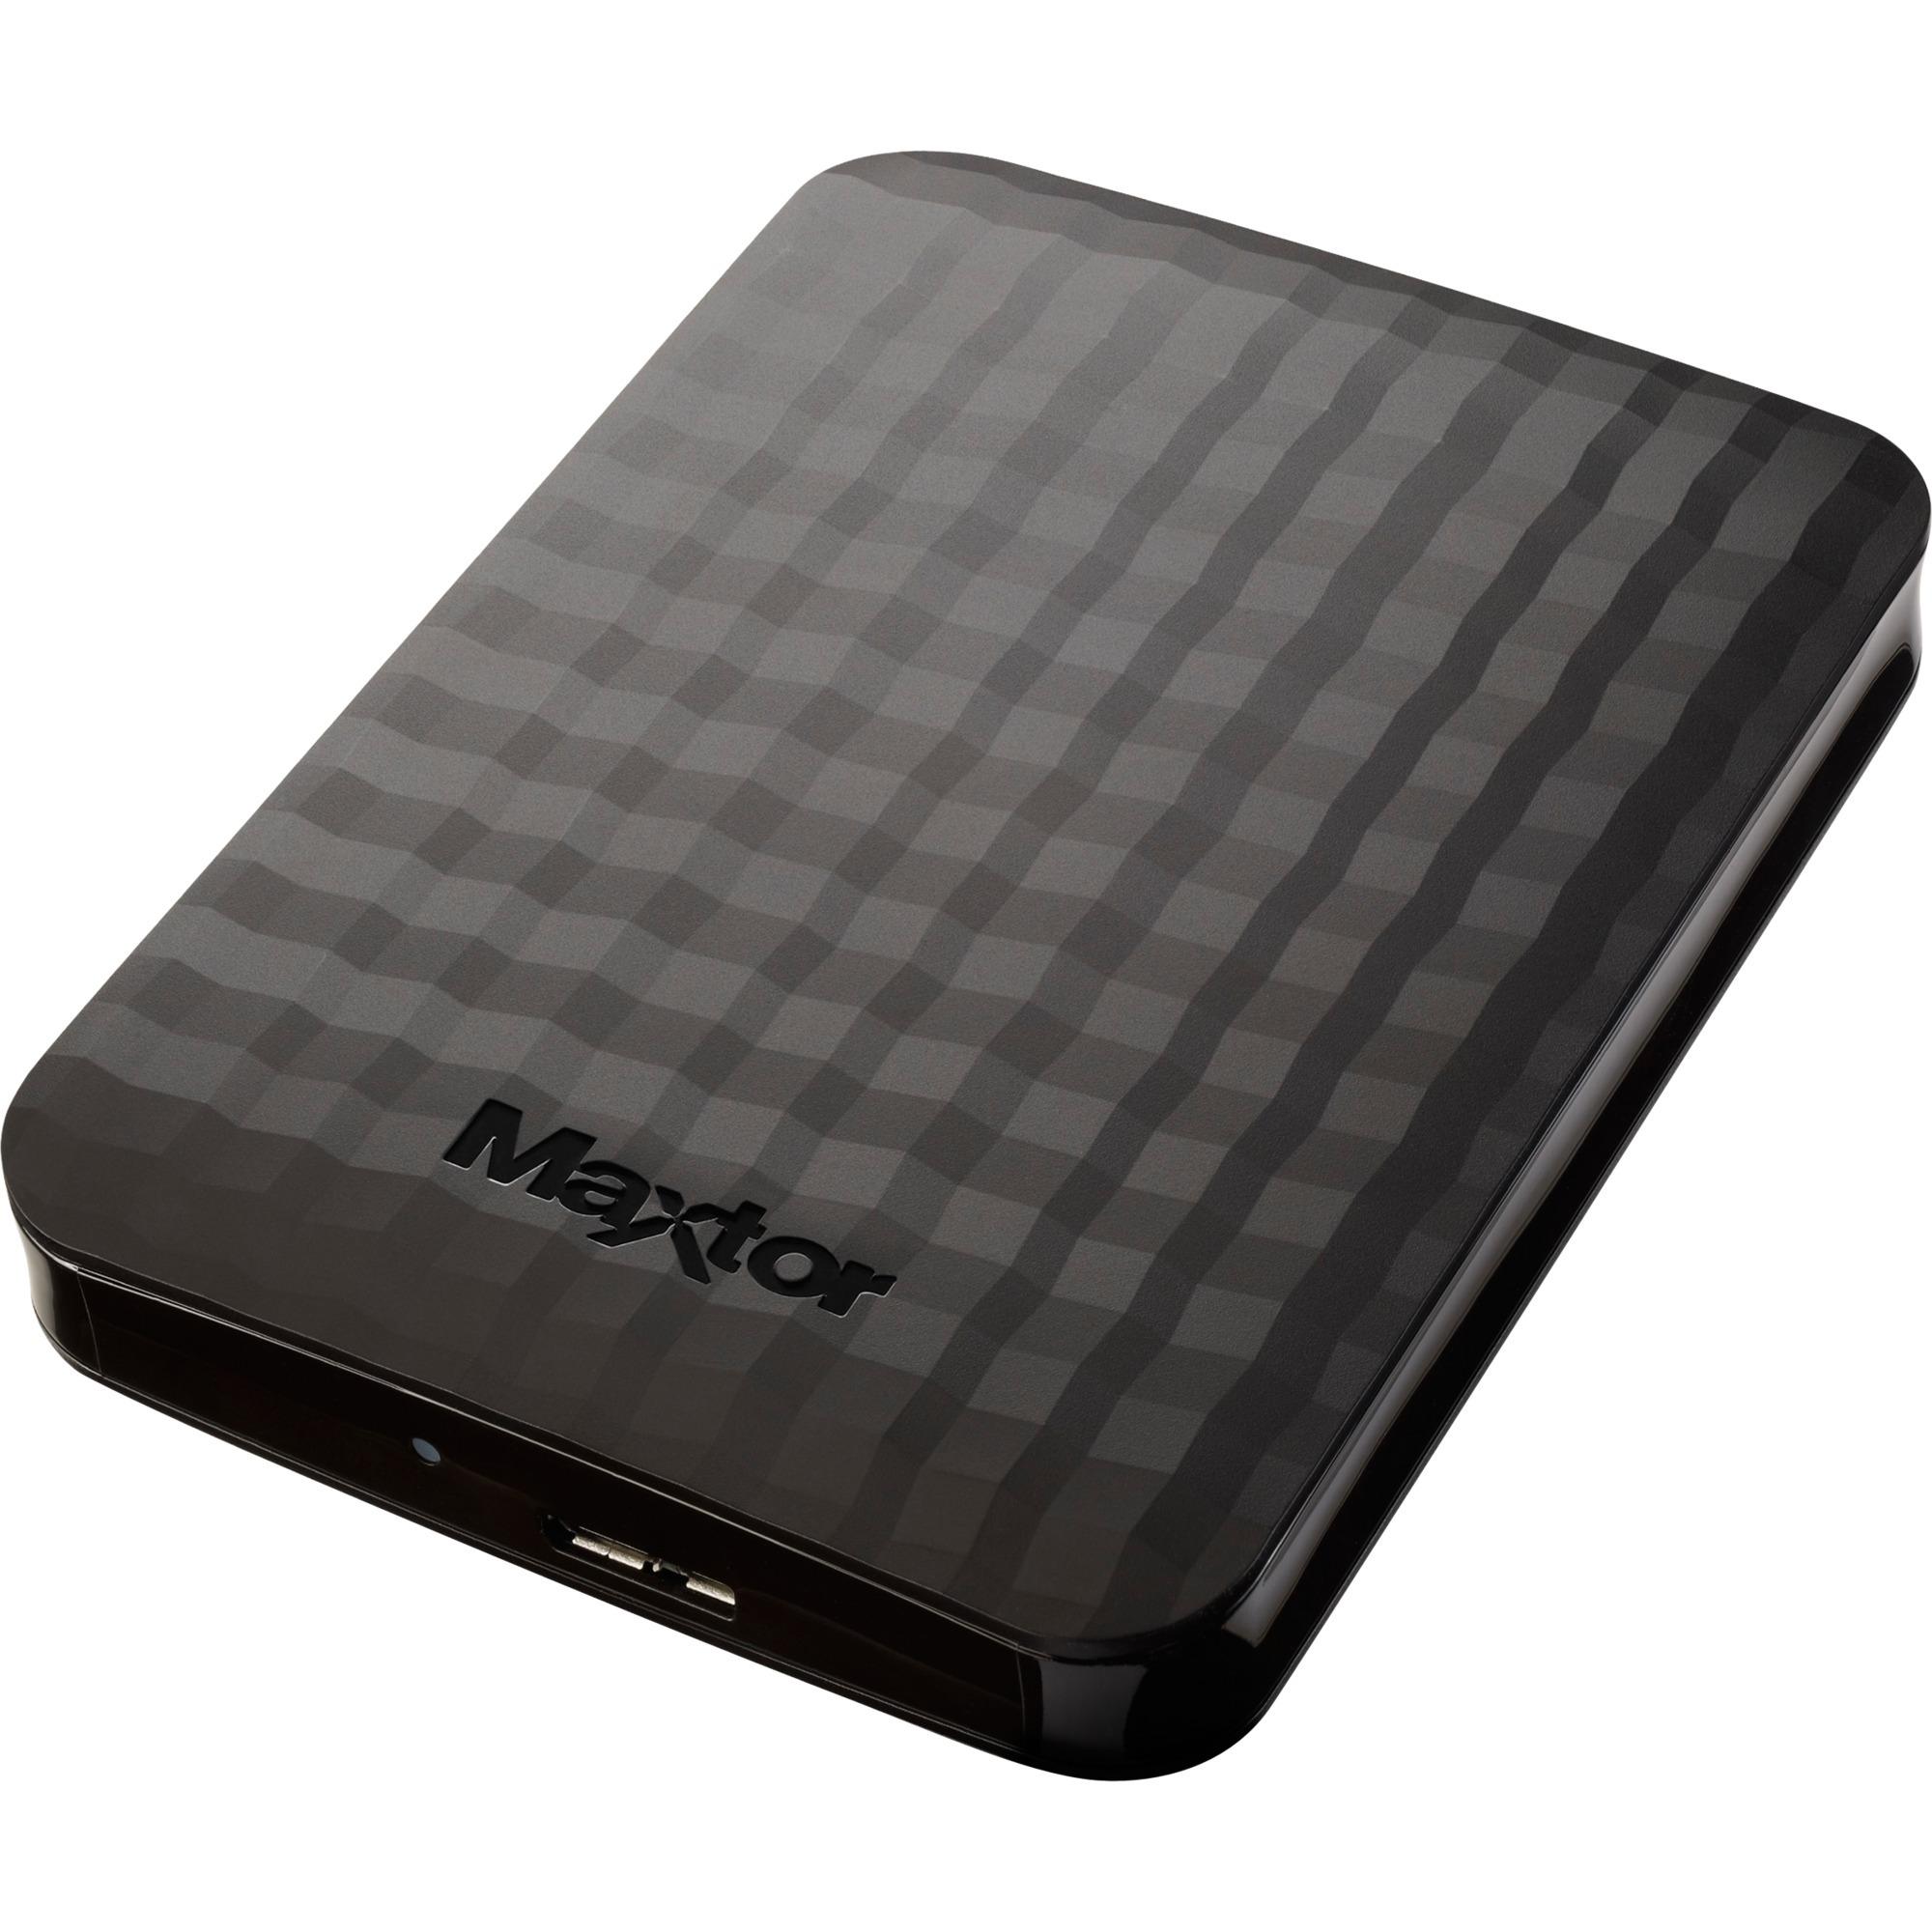 Maxtor M3 disco duro externo 2000 GB Negro, Unidad de disco duro